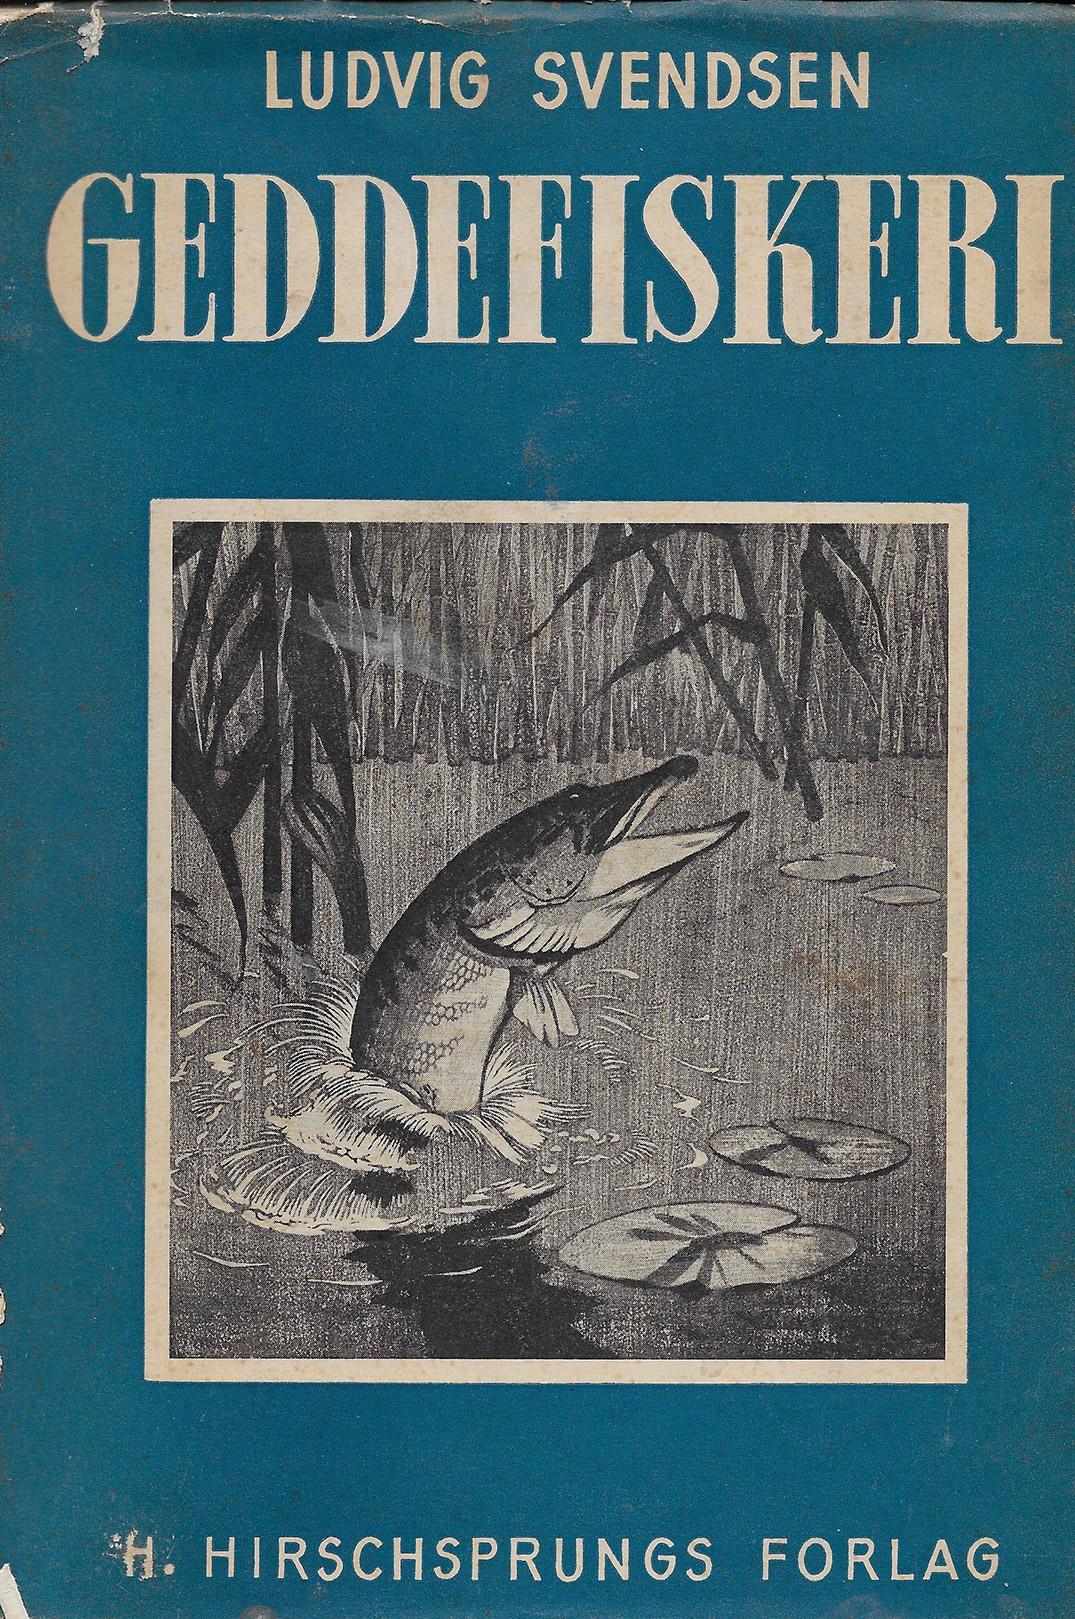 """Bogen geddefiskeri fra 1940, som var forløberen til """"Lystfiskerbogen"""" udkom i to oplag. 2. udgaven var grøn, mens 1. udgaven var blå."""